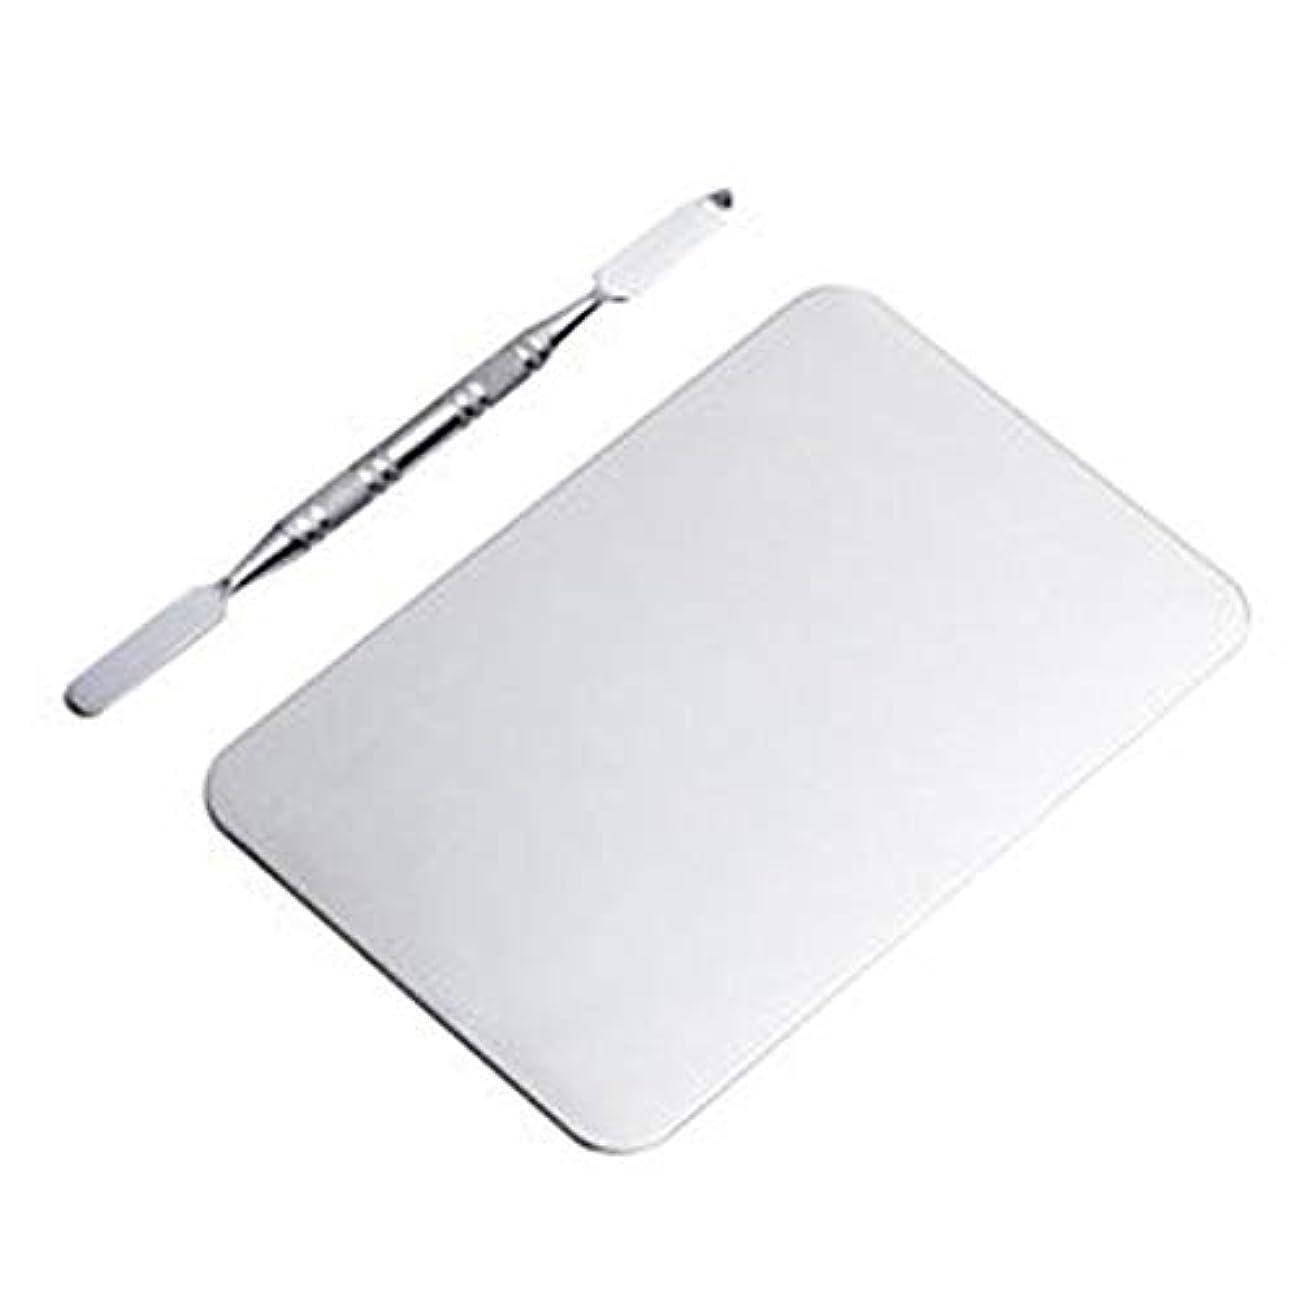 または二次粘り強いサロン マニキュア カラーパレット メイクアップクリームファンデーションミキシングパレット 化粧品メイクアップツール ステンレス鋼板(115x75MM) (Color : Nonporous)